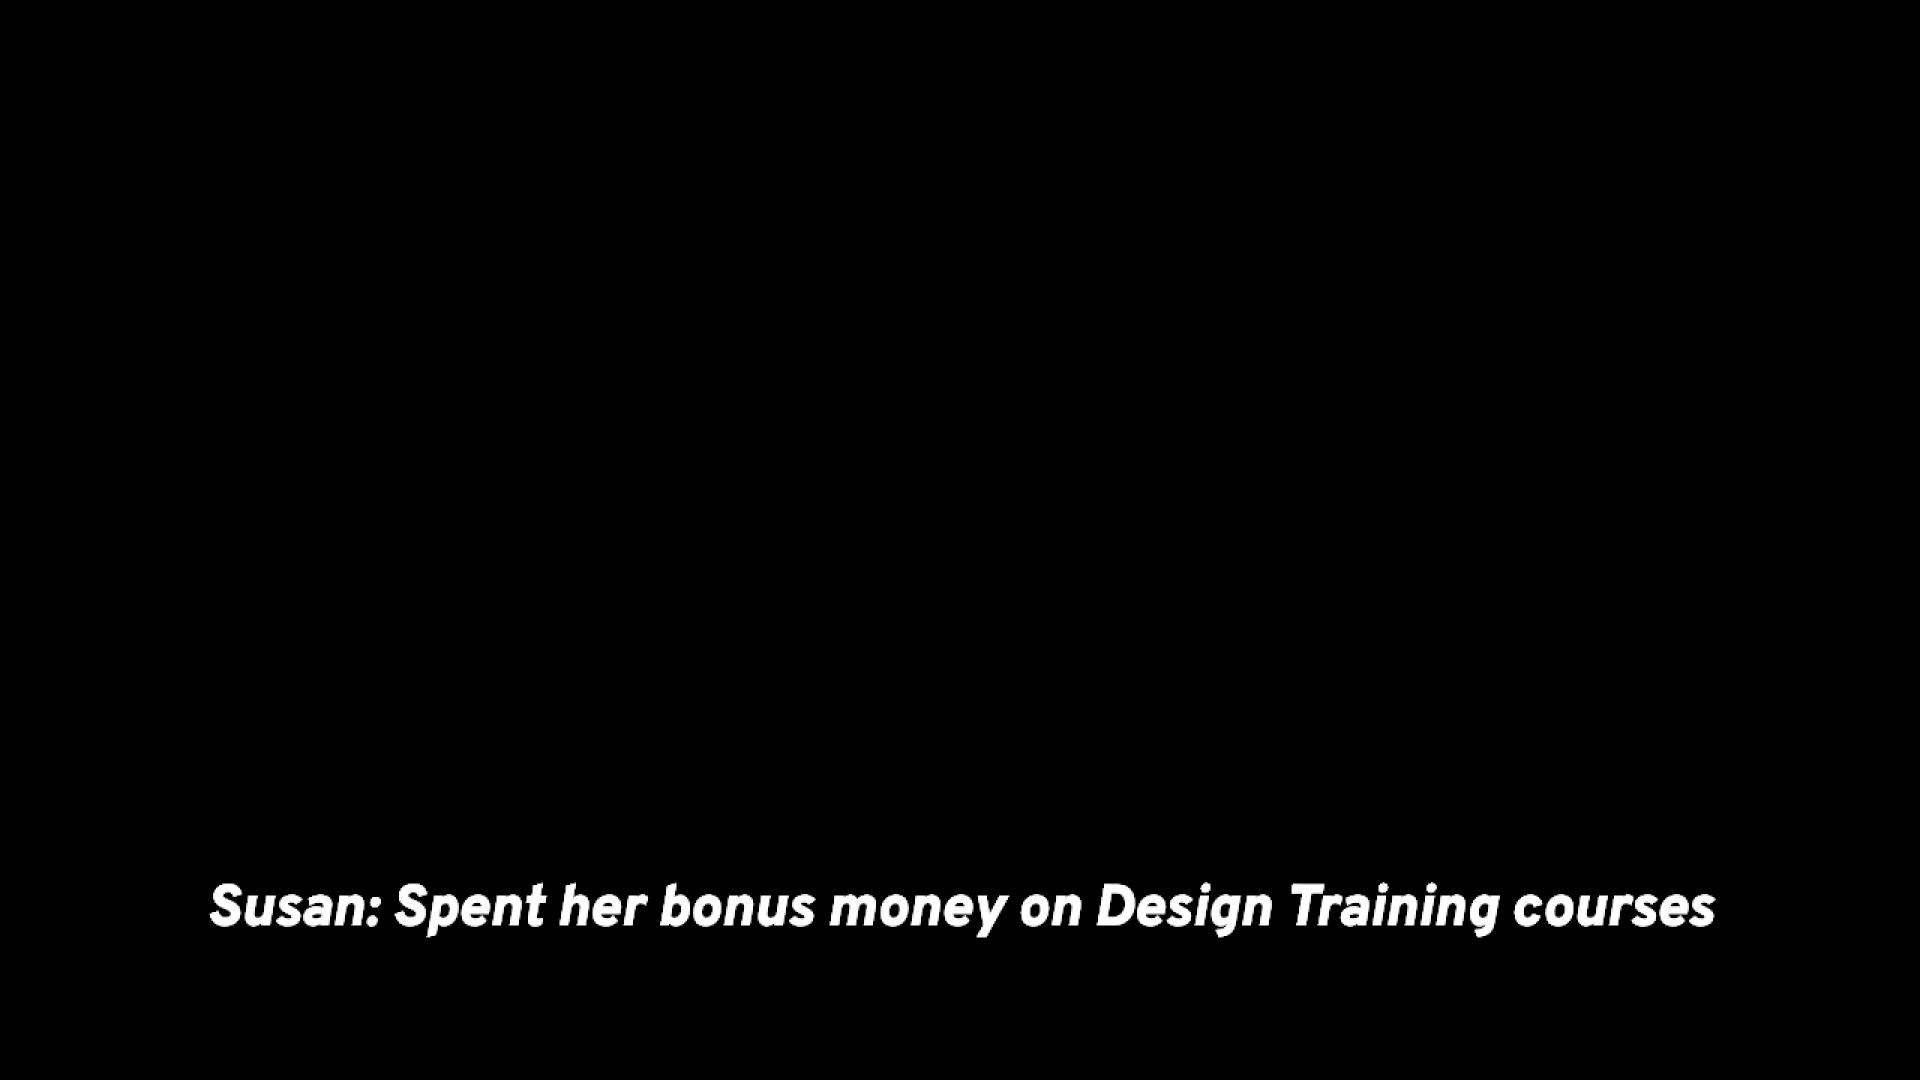 Susan: Spent her bonus money on Design Training courses